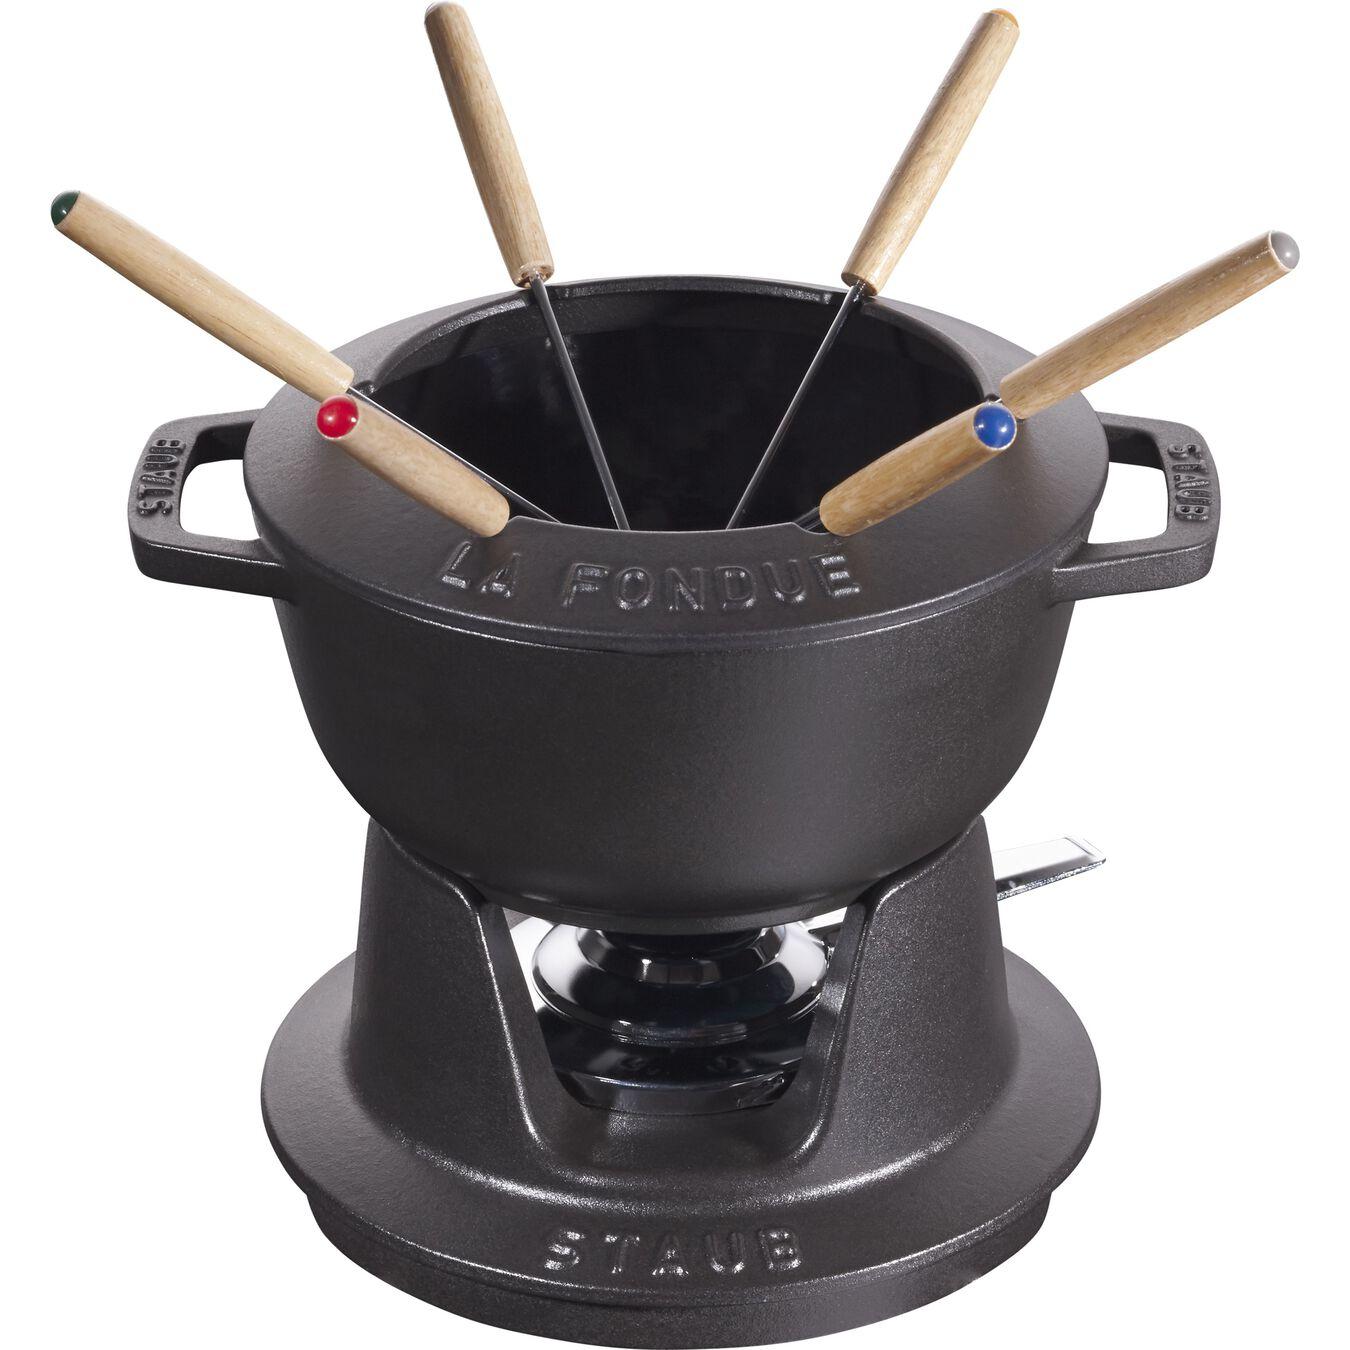 Service à fondue 18 cm, Noir,,large 1